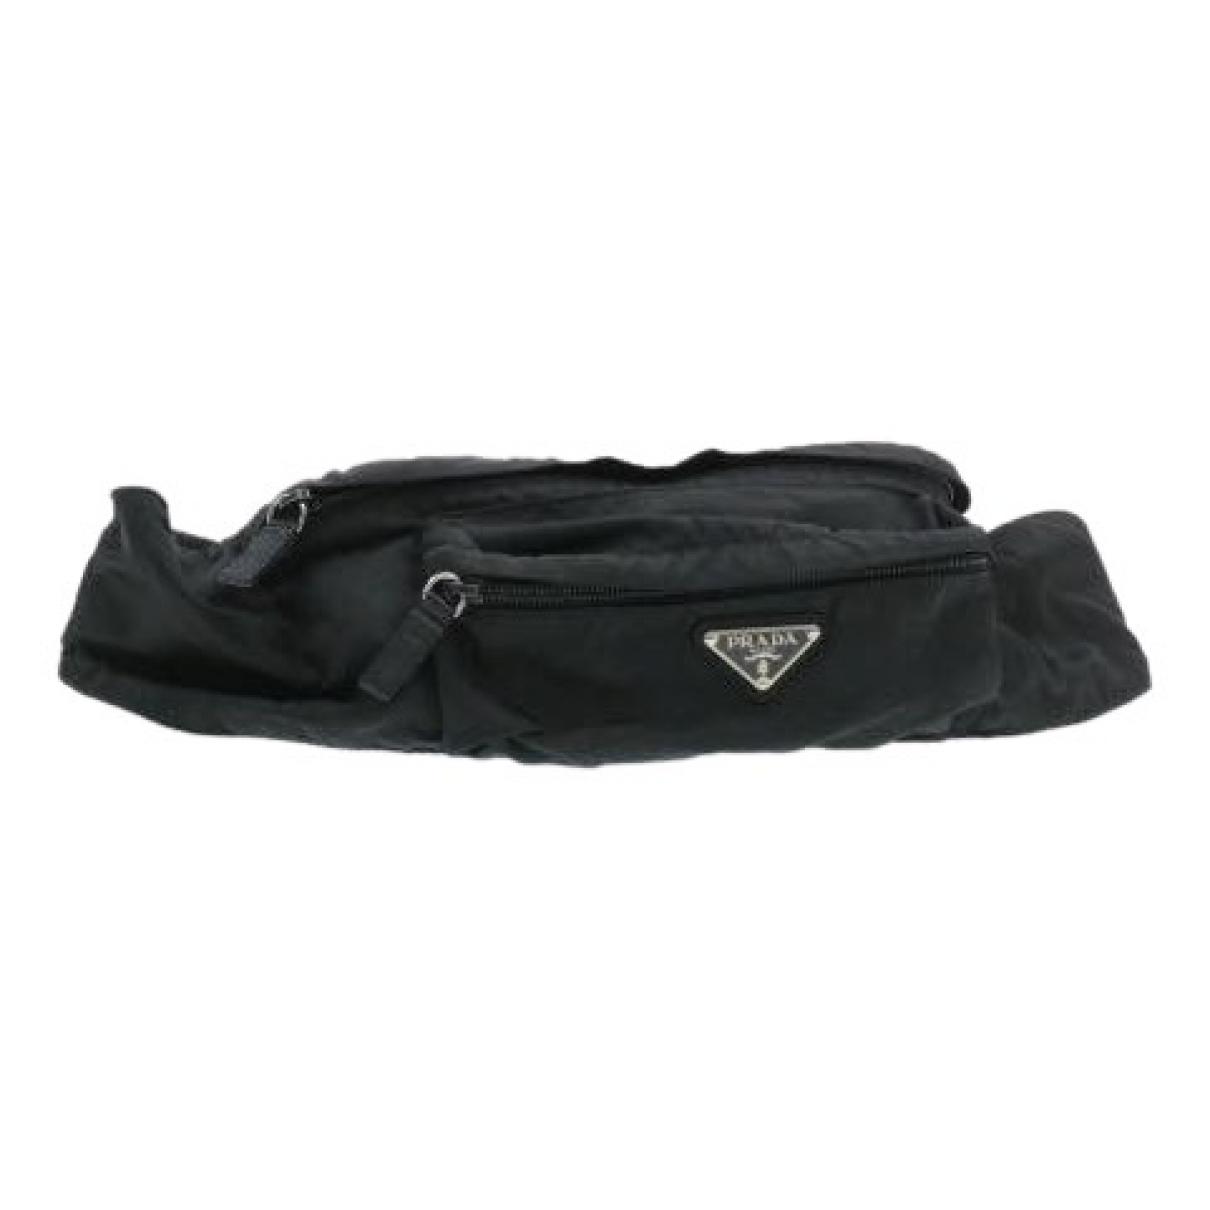 Bolsos clutch en Sintetico Negro Prada